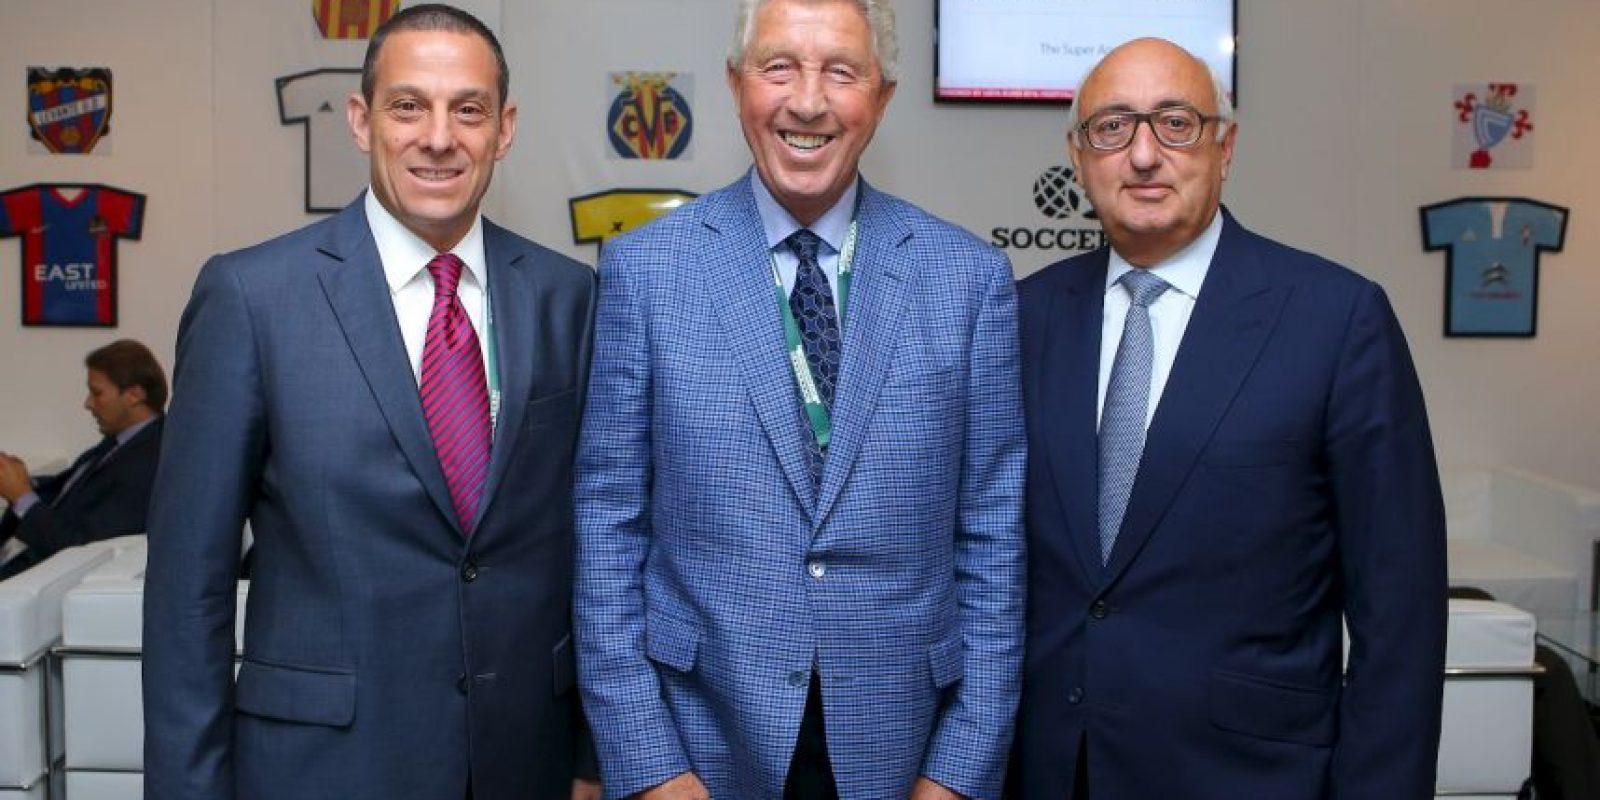 Gana 44 millones de dólares, gracias a las comisiones que le dejan los contratos de cracks como Gareth Bale y Luke Shaw Foto:Getty Images